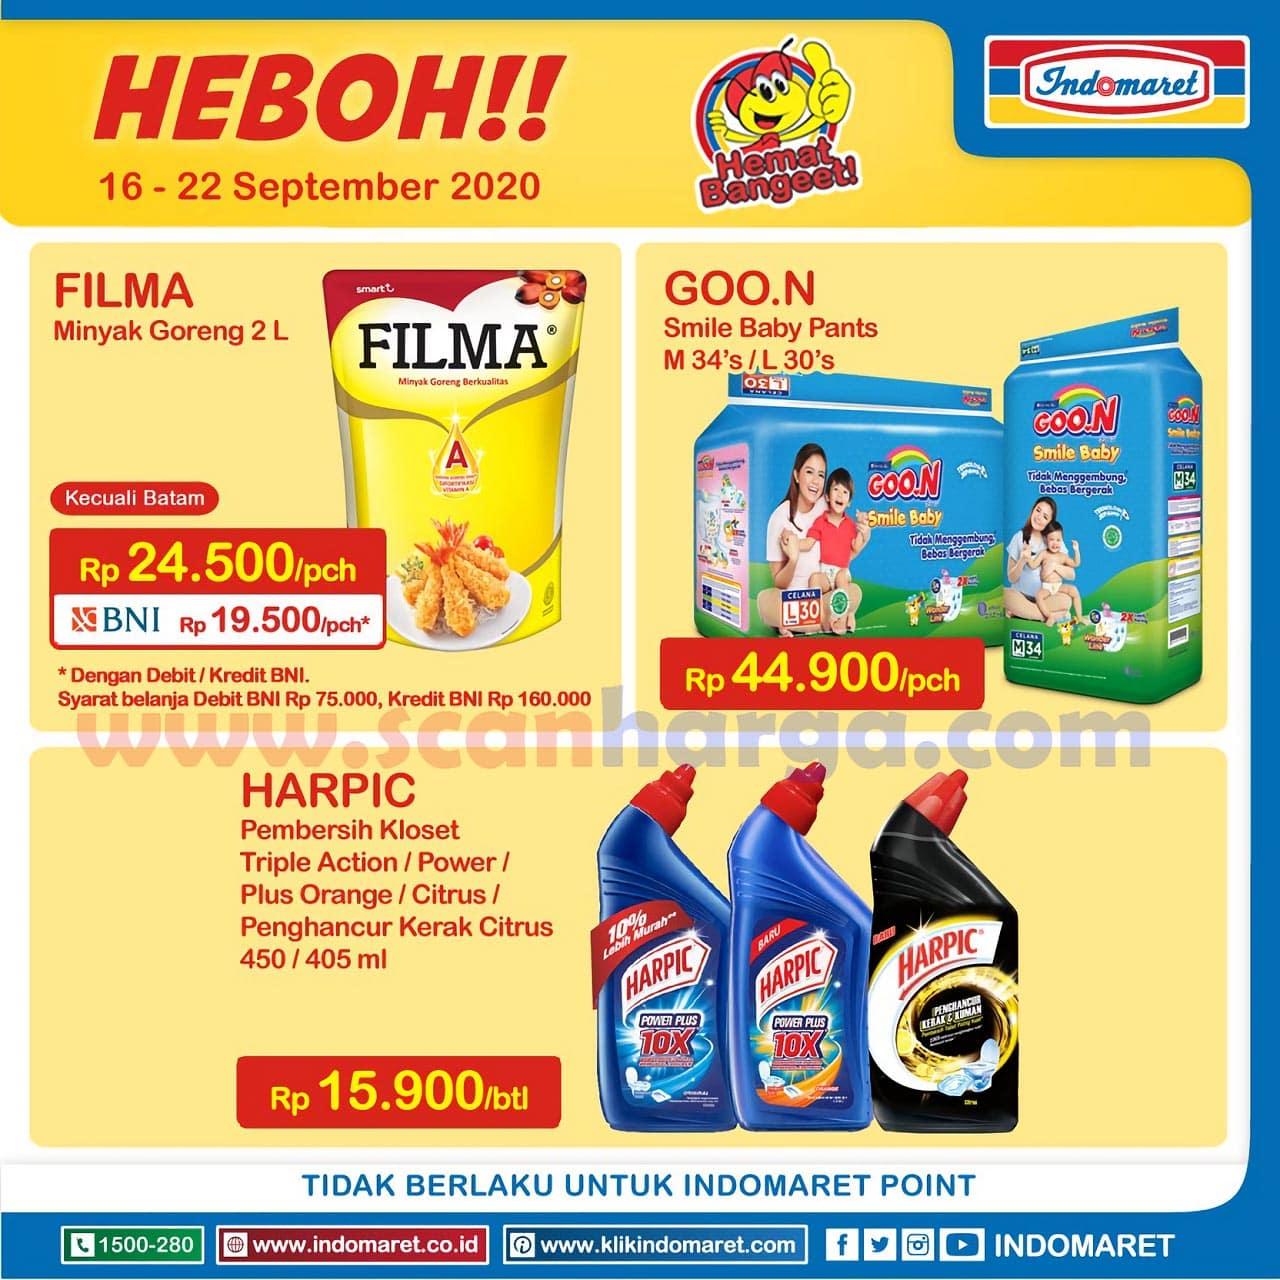 Katalog Promo Indomaret Heboh Minyak Murah 16 - 22 September 2020